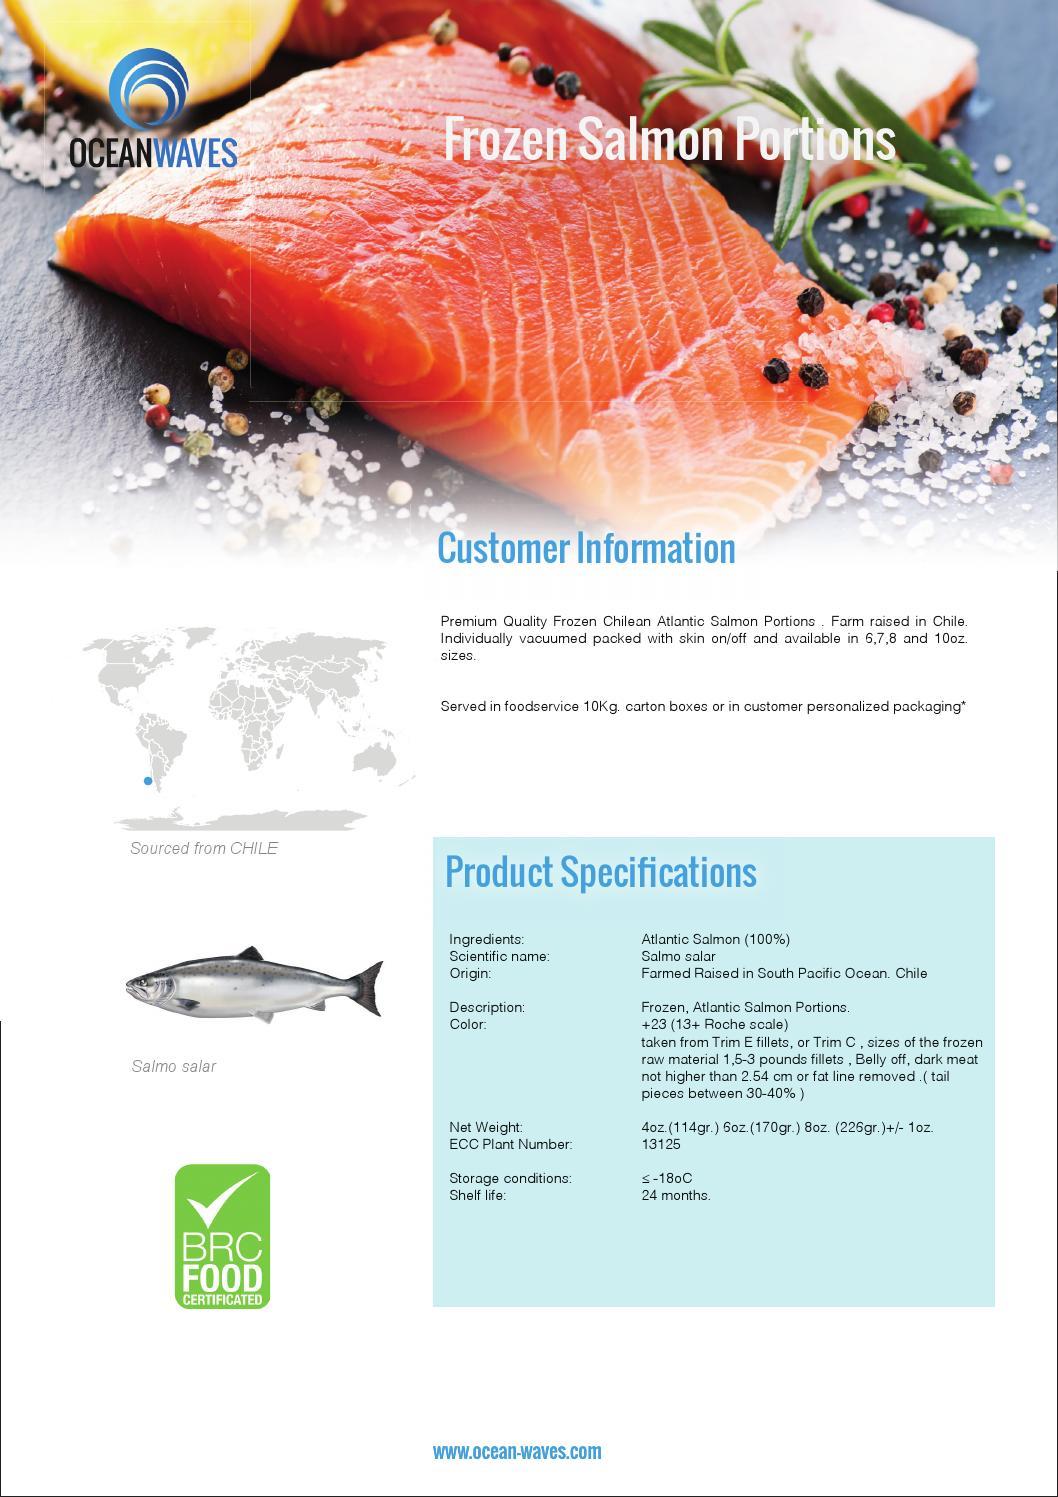 Frozen Atlantic Salmon Spec Sheet By Ocean Waves Uk Ltd